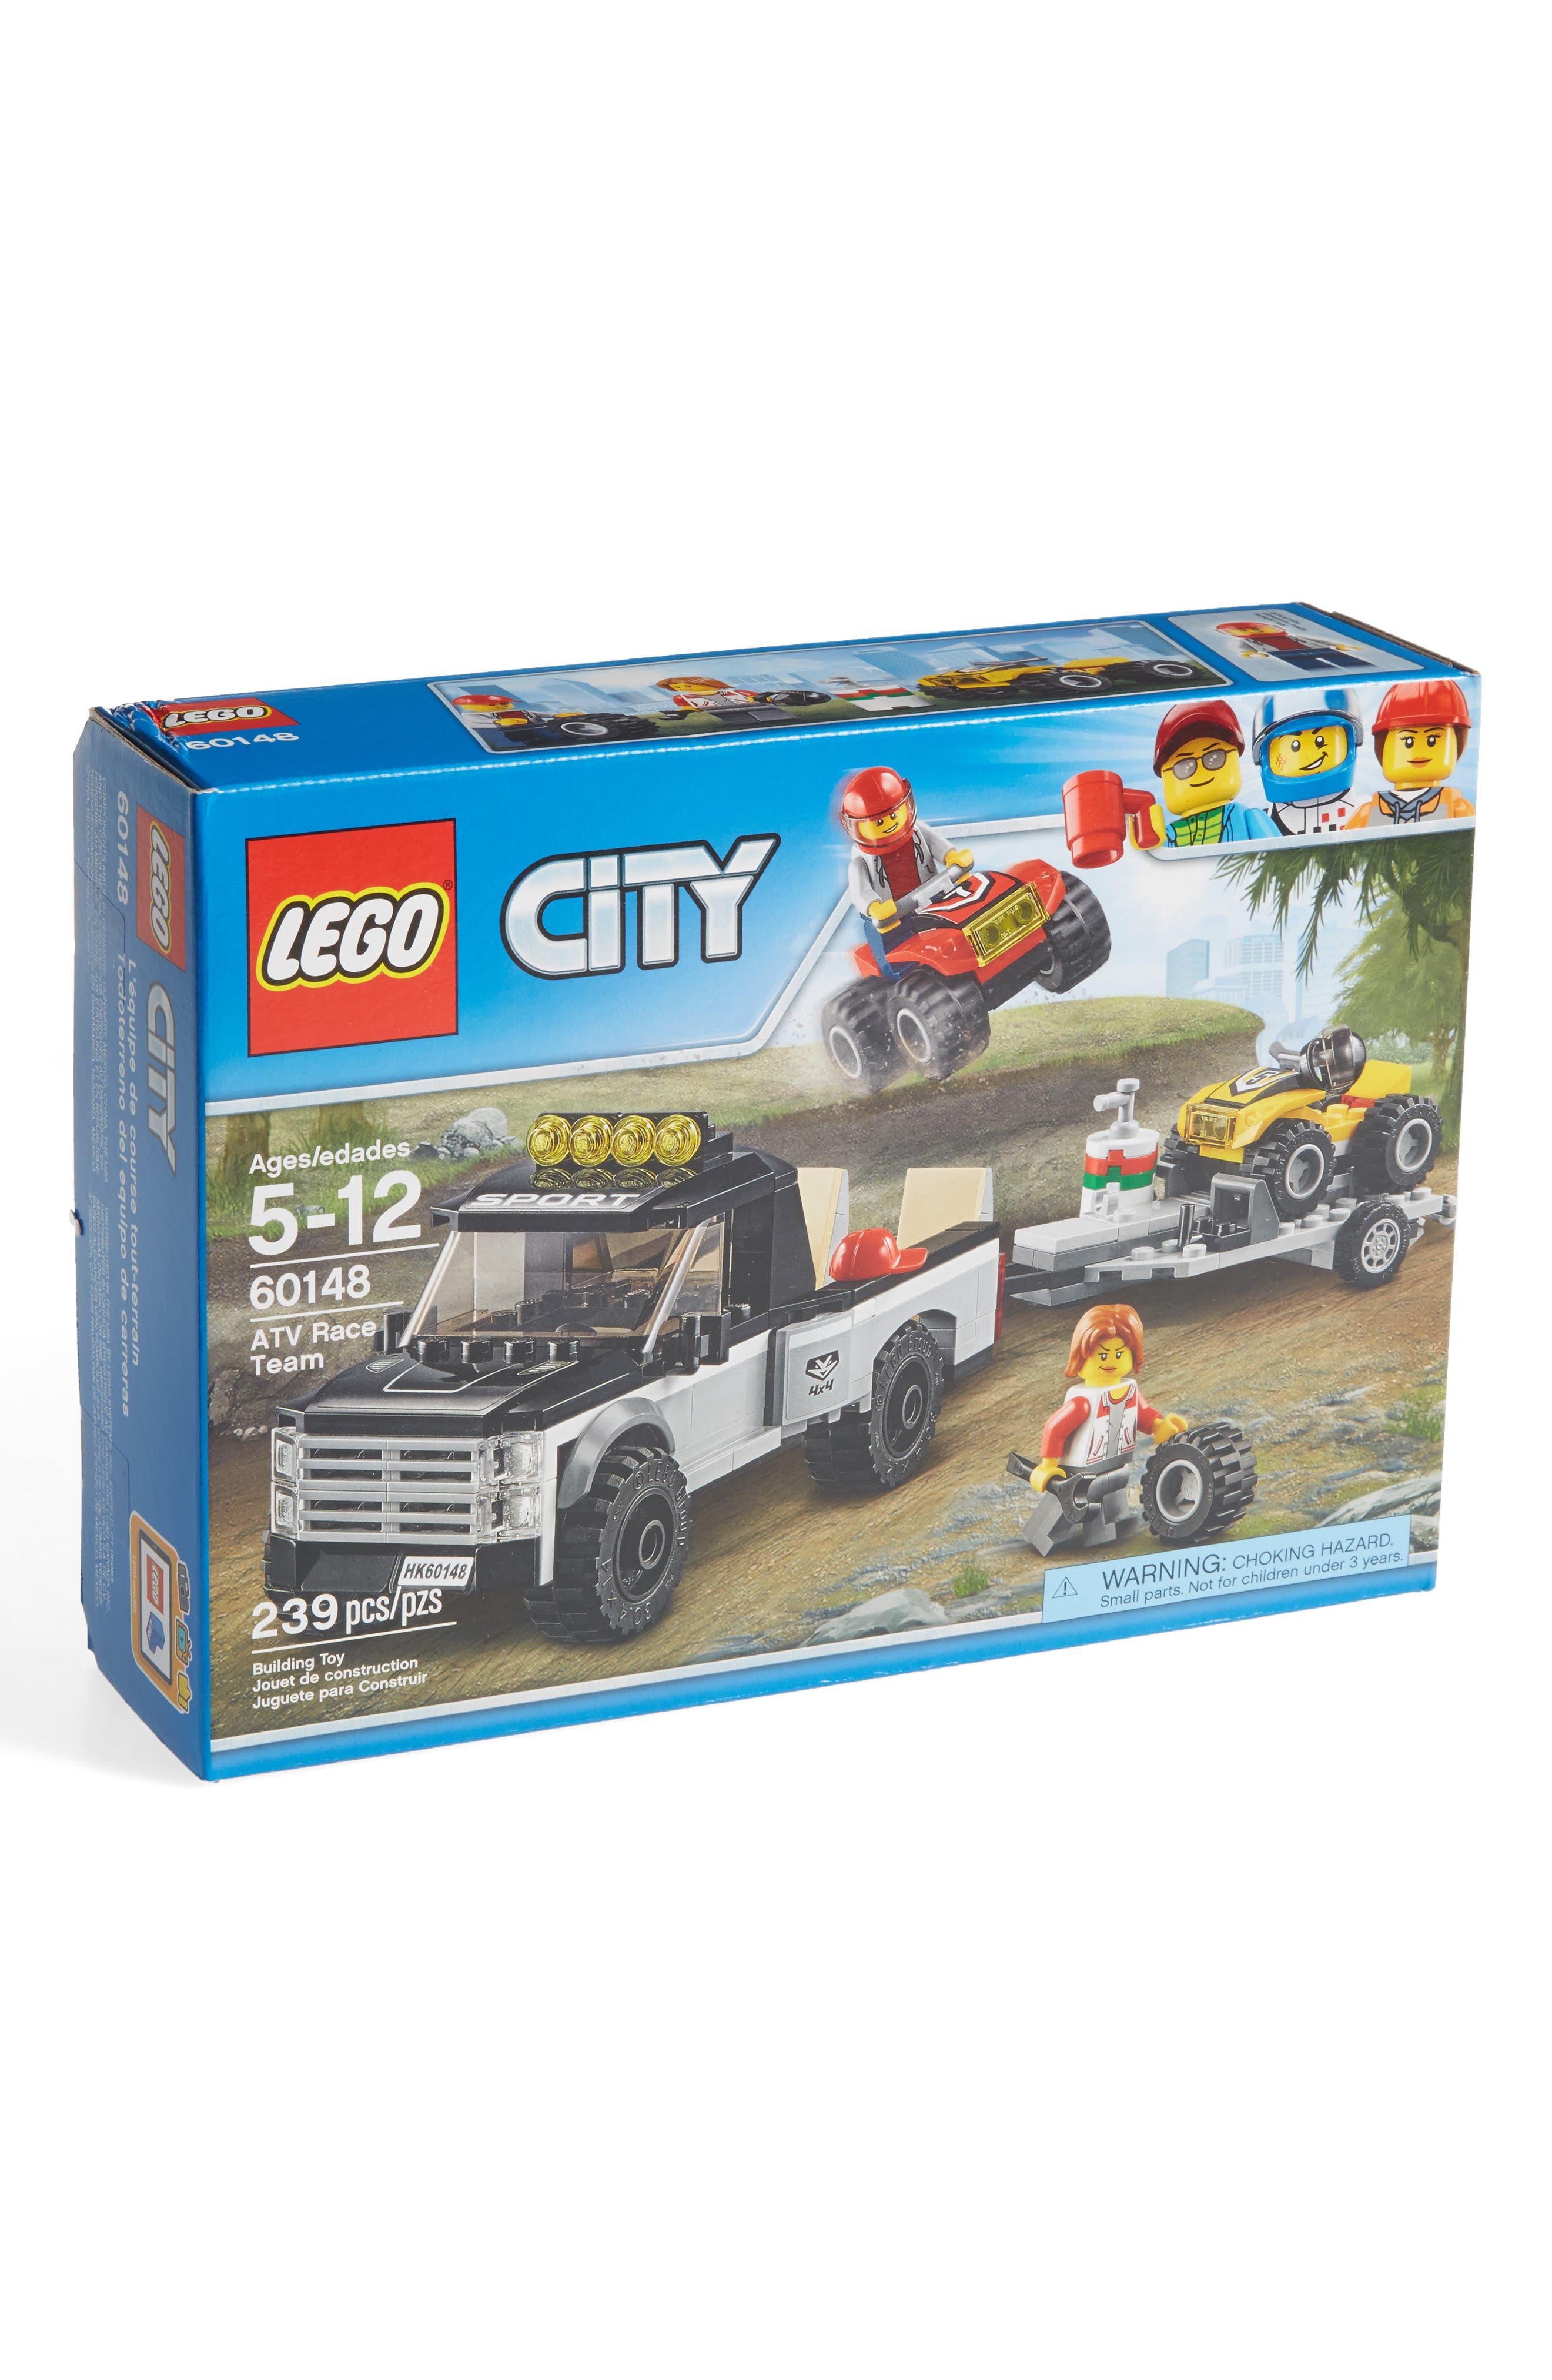 LEGO® City ATV Race Team - 60148